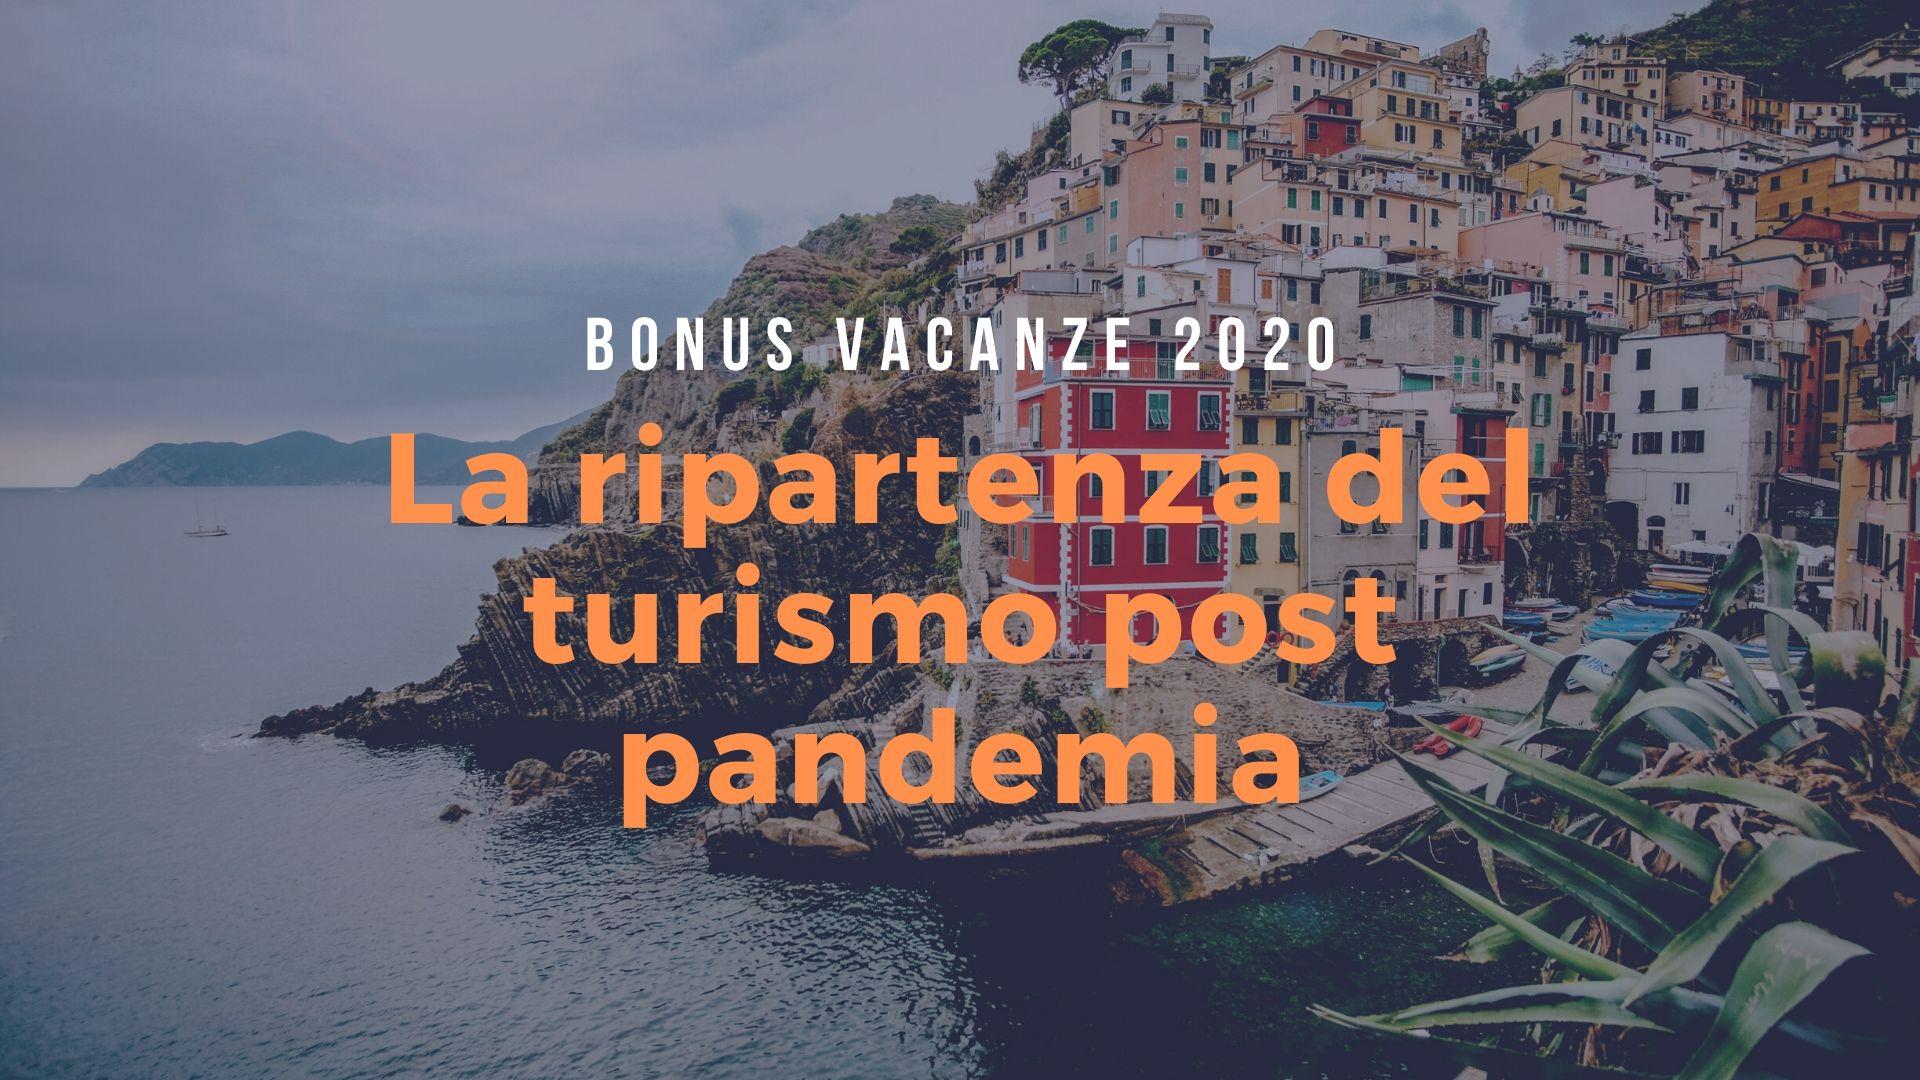 Bonus vacanze: la ripartenza del turismo post pandemia